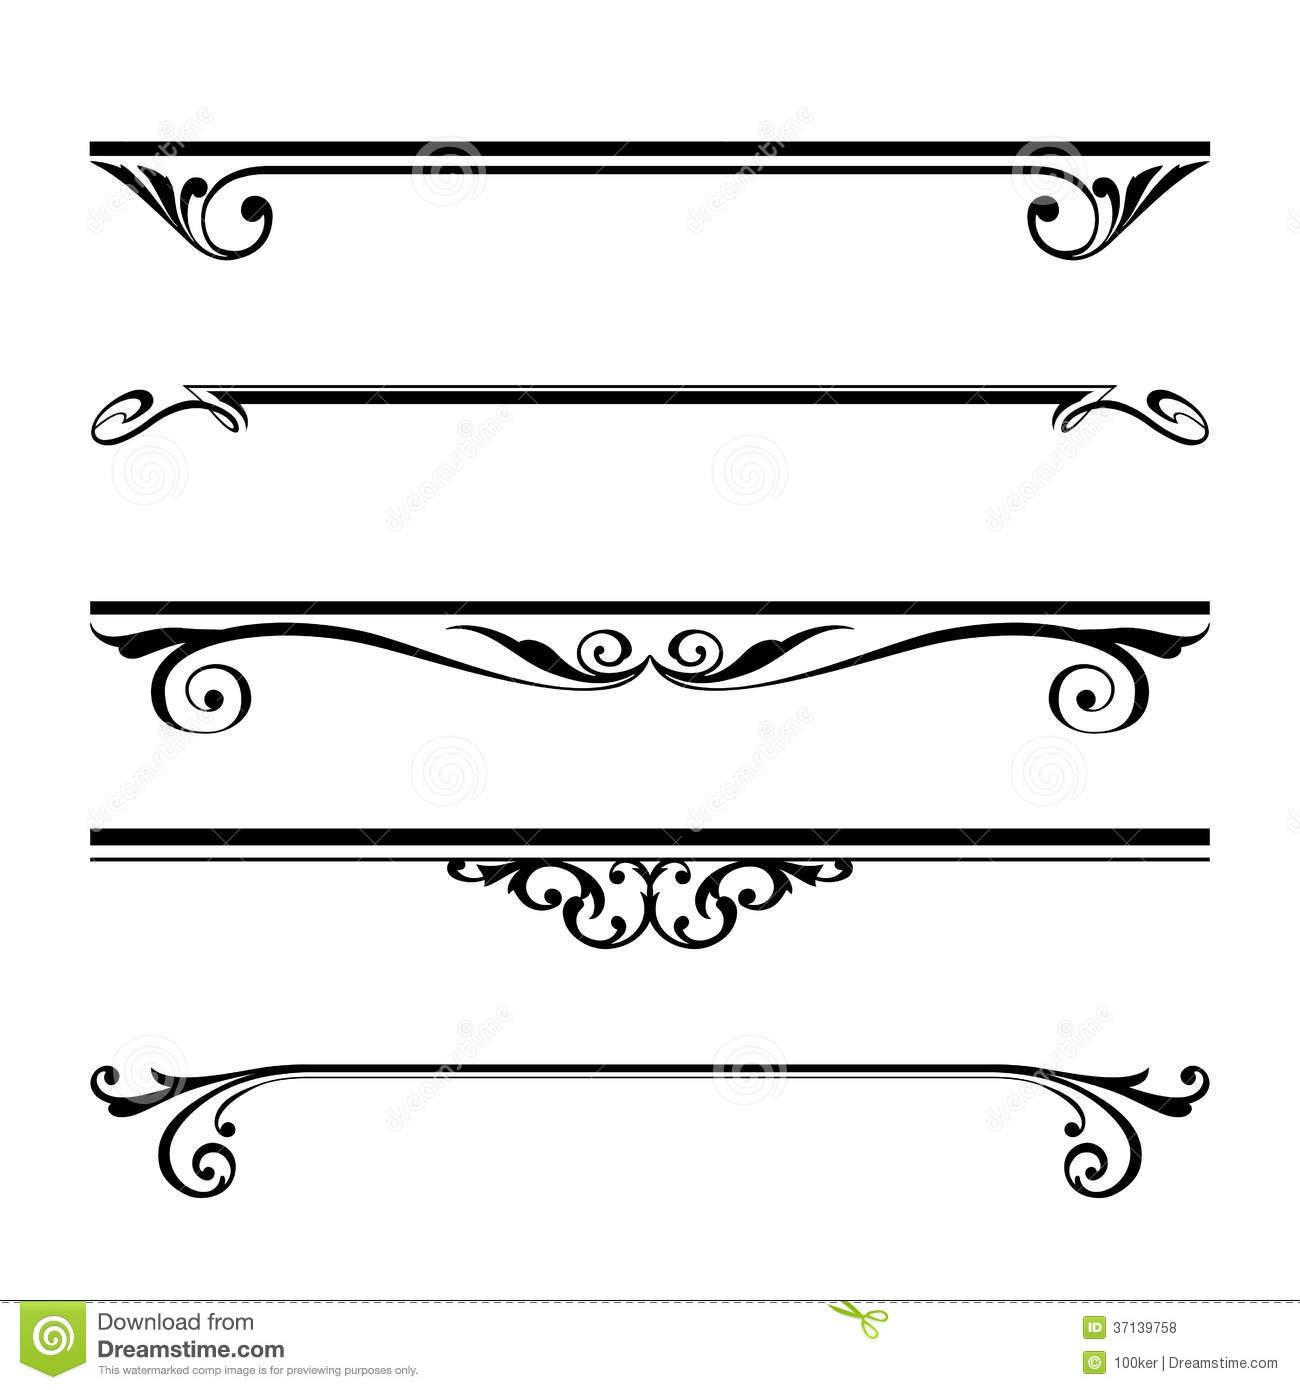 Line Art Border Design : D vector line art border images floral